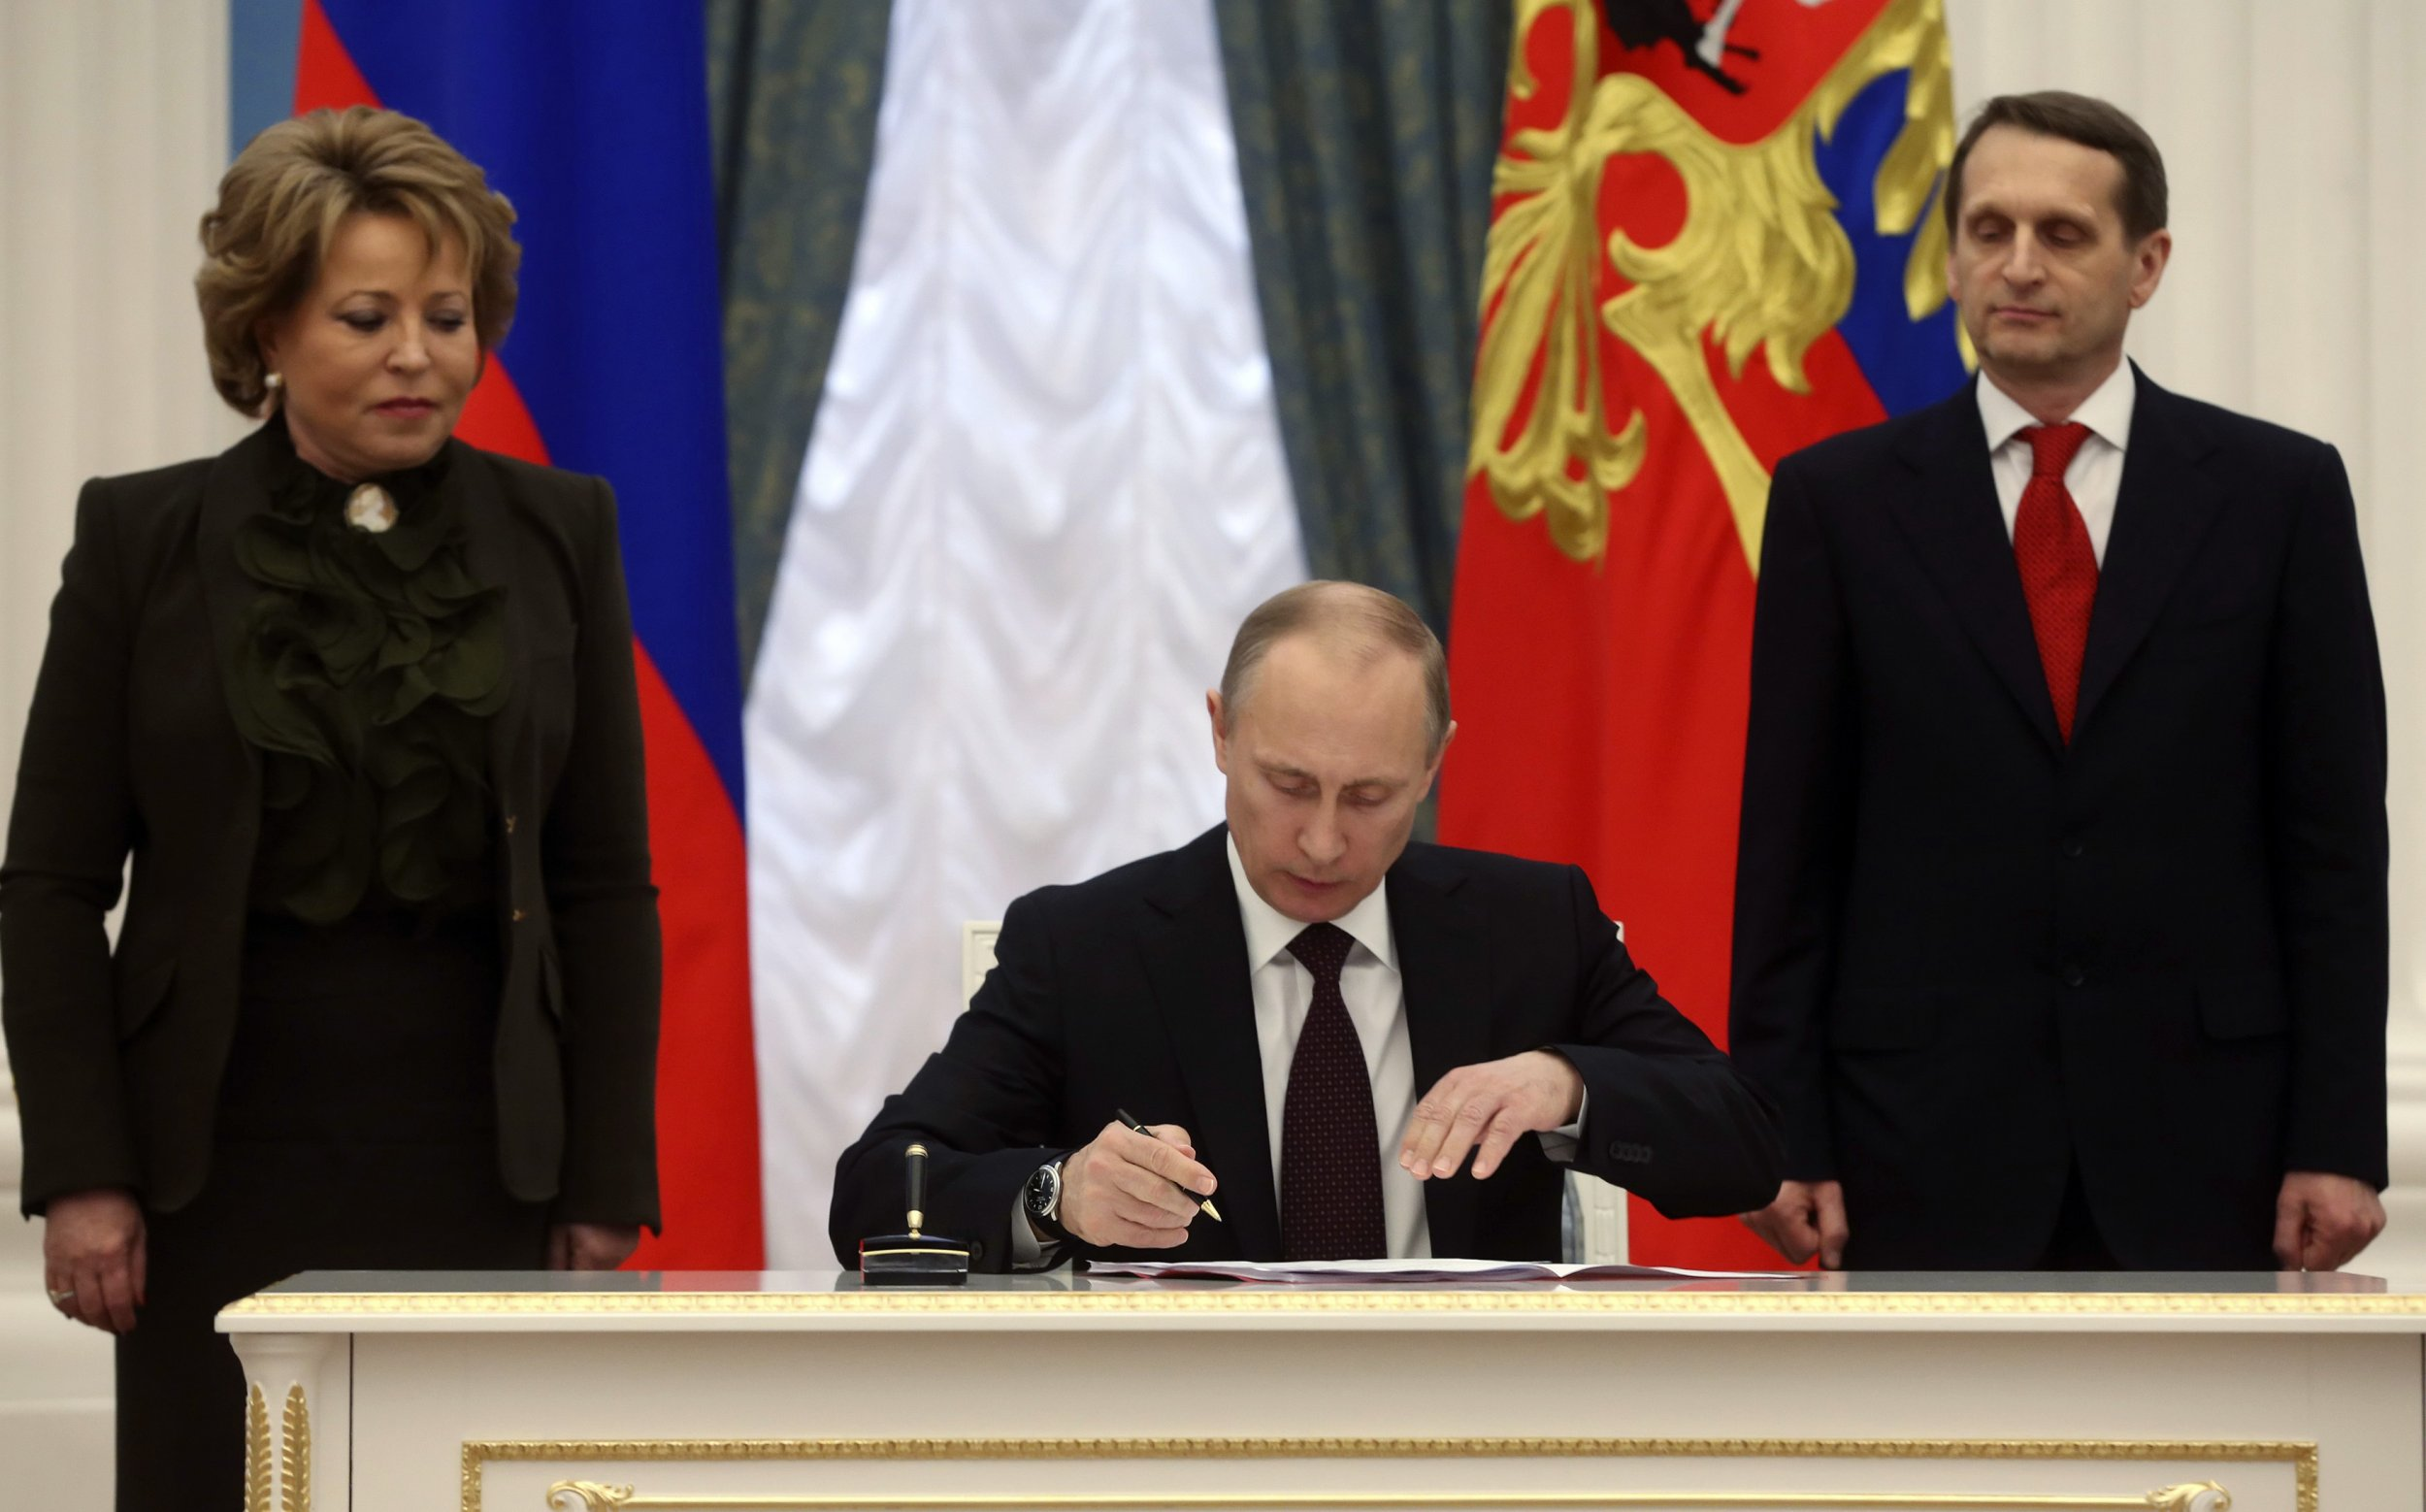 Putin, Naryshkin and Matviyenko